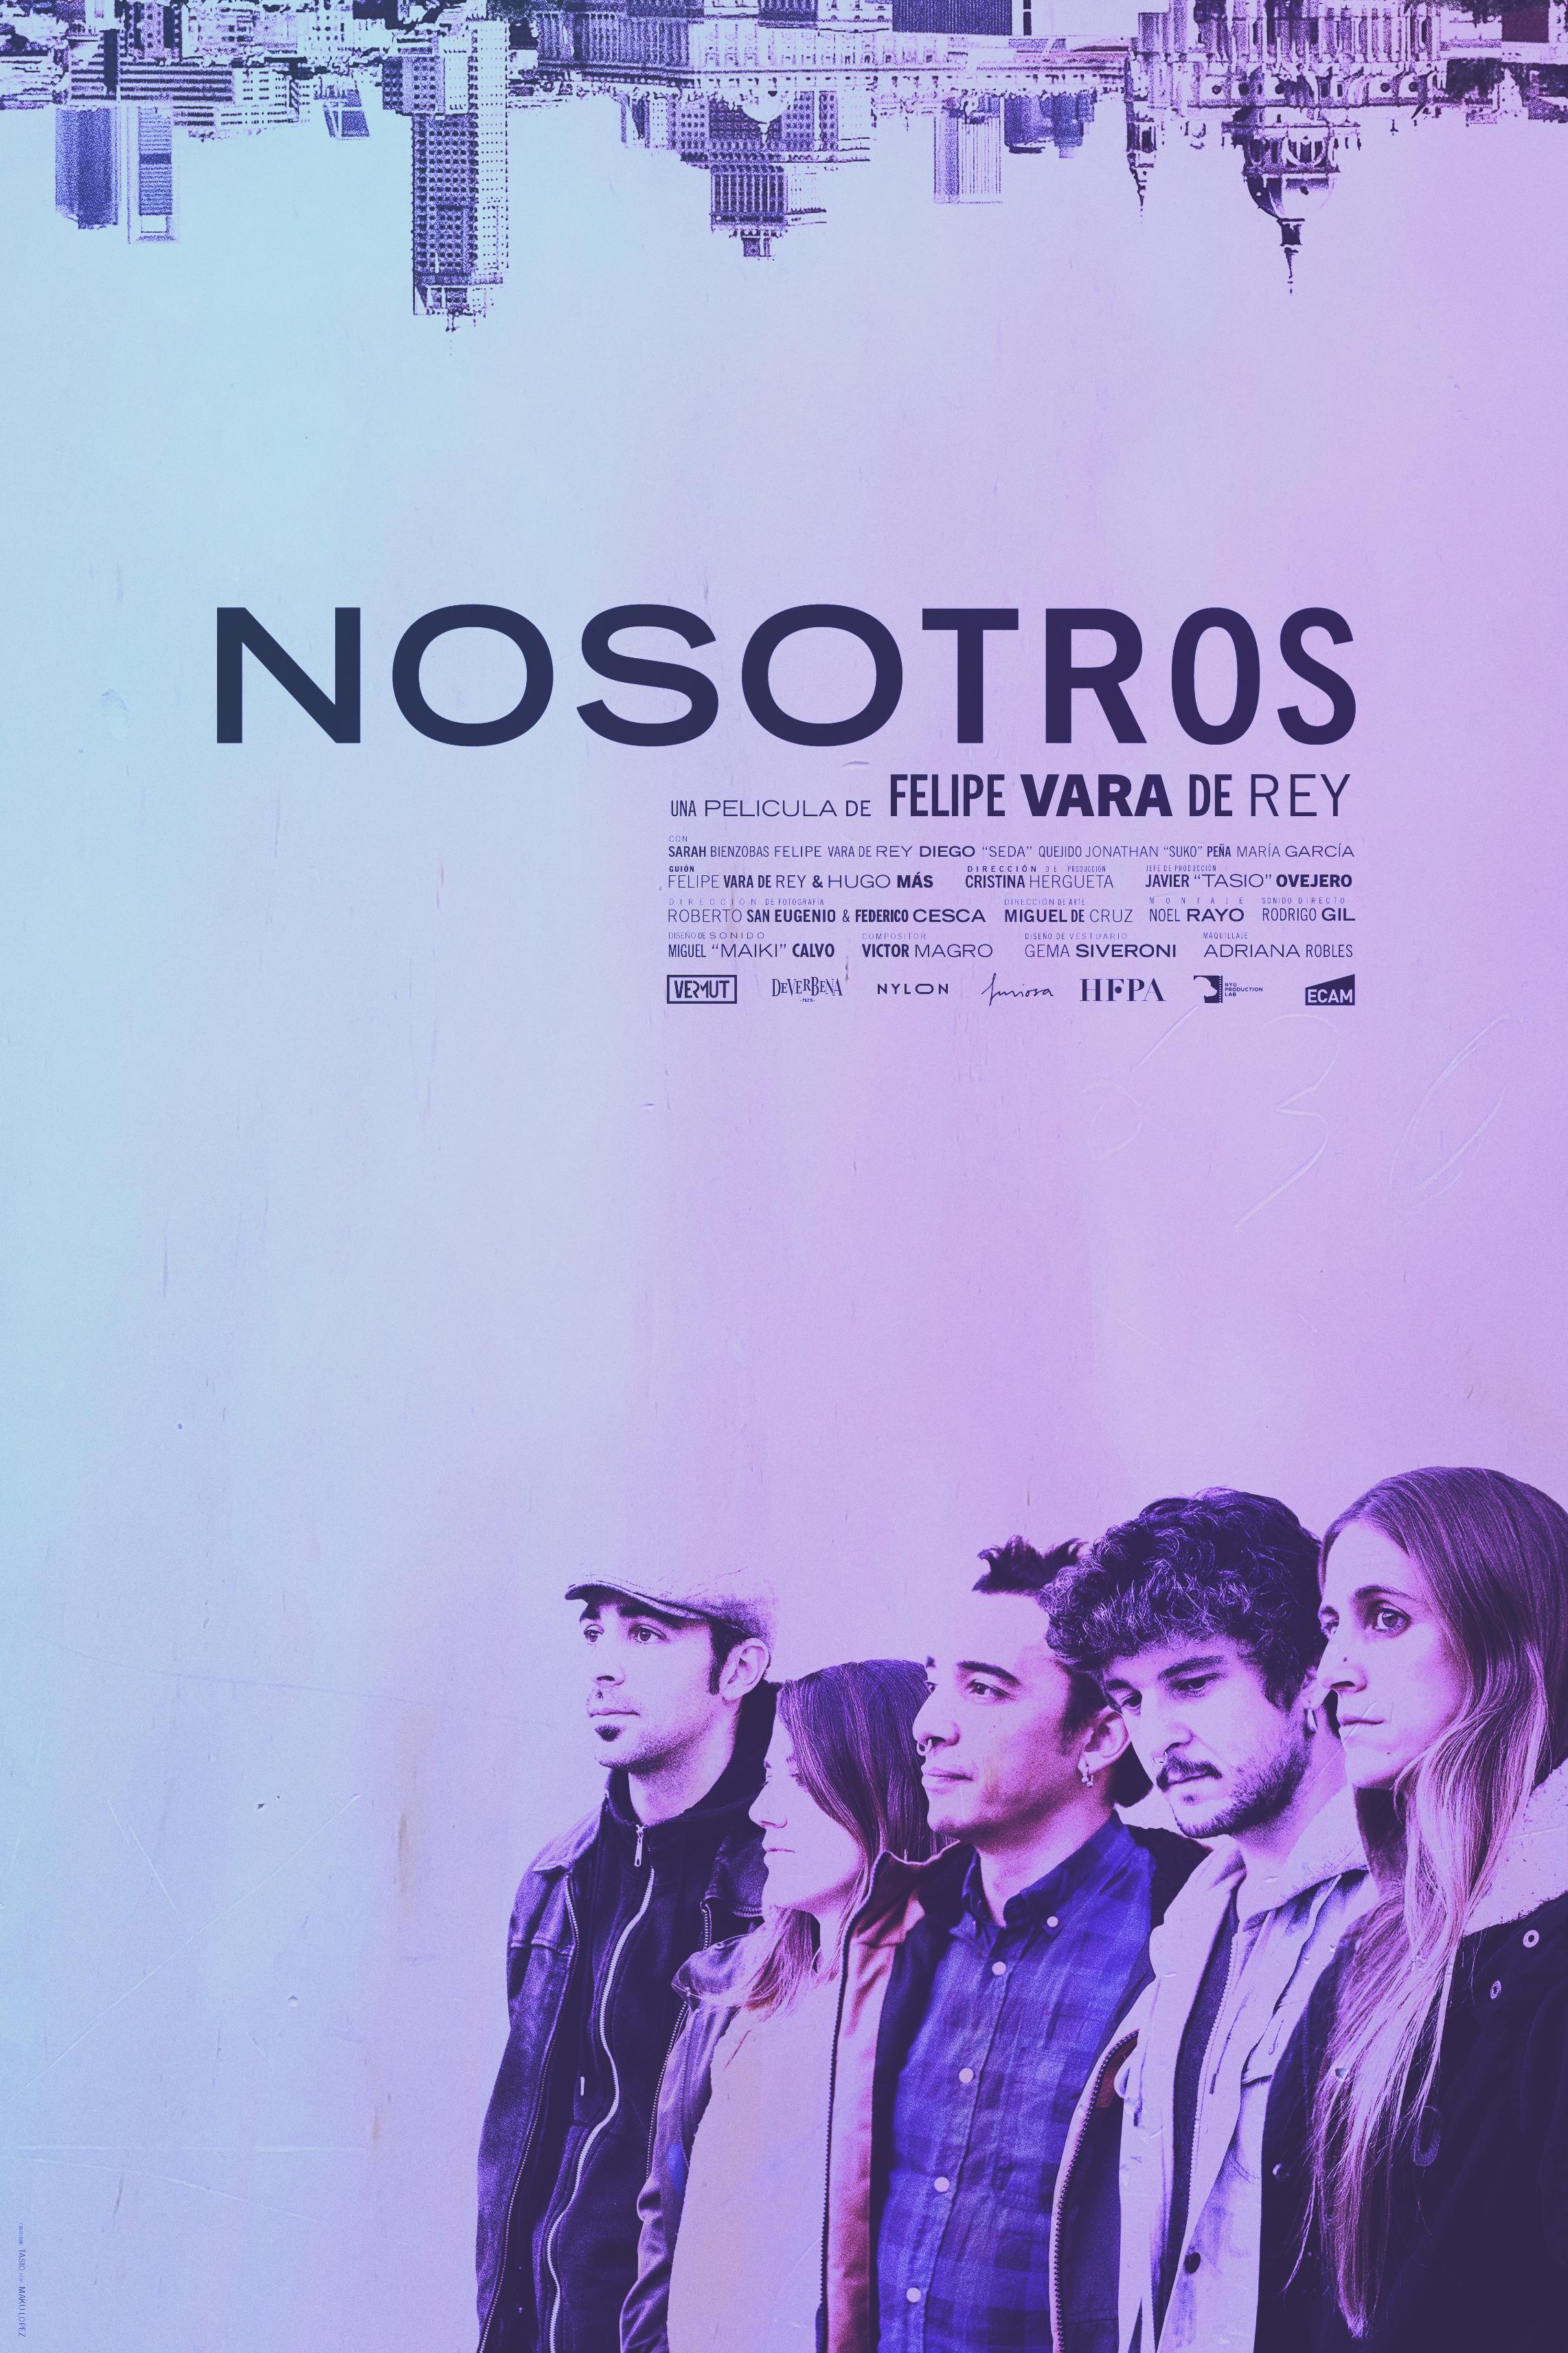 poster-nosotros.jpg